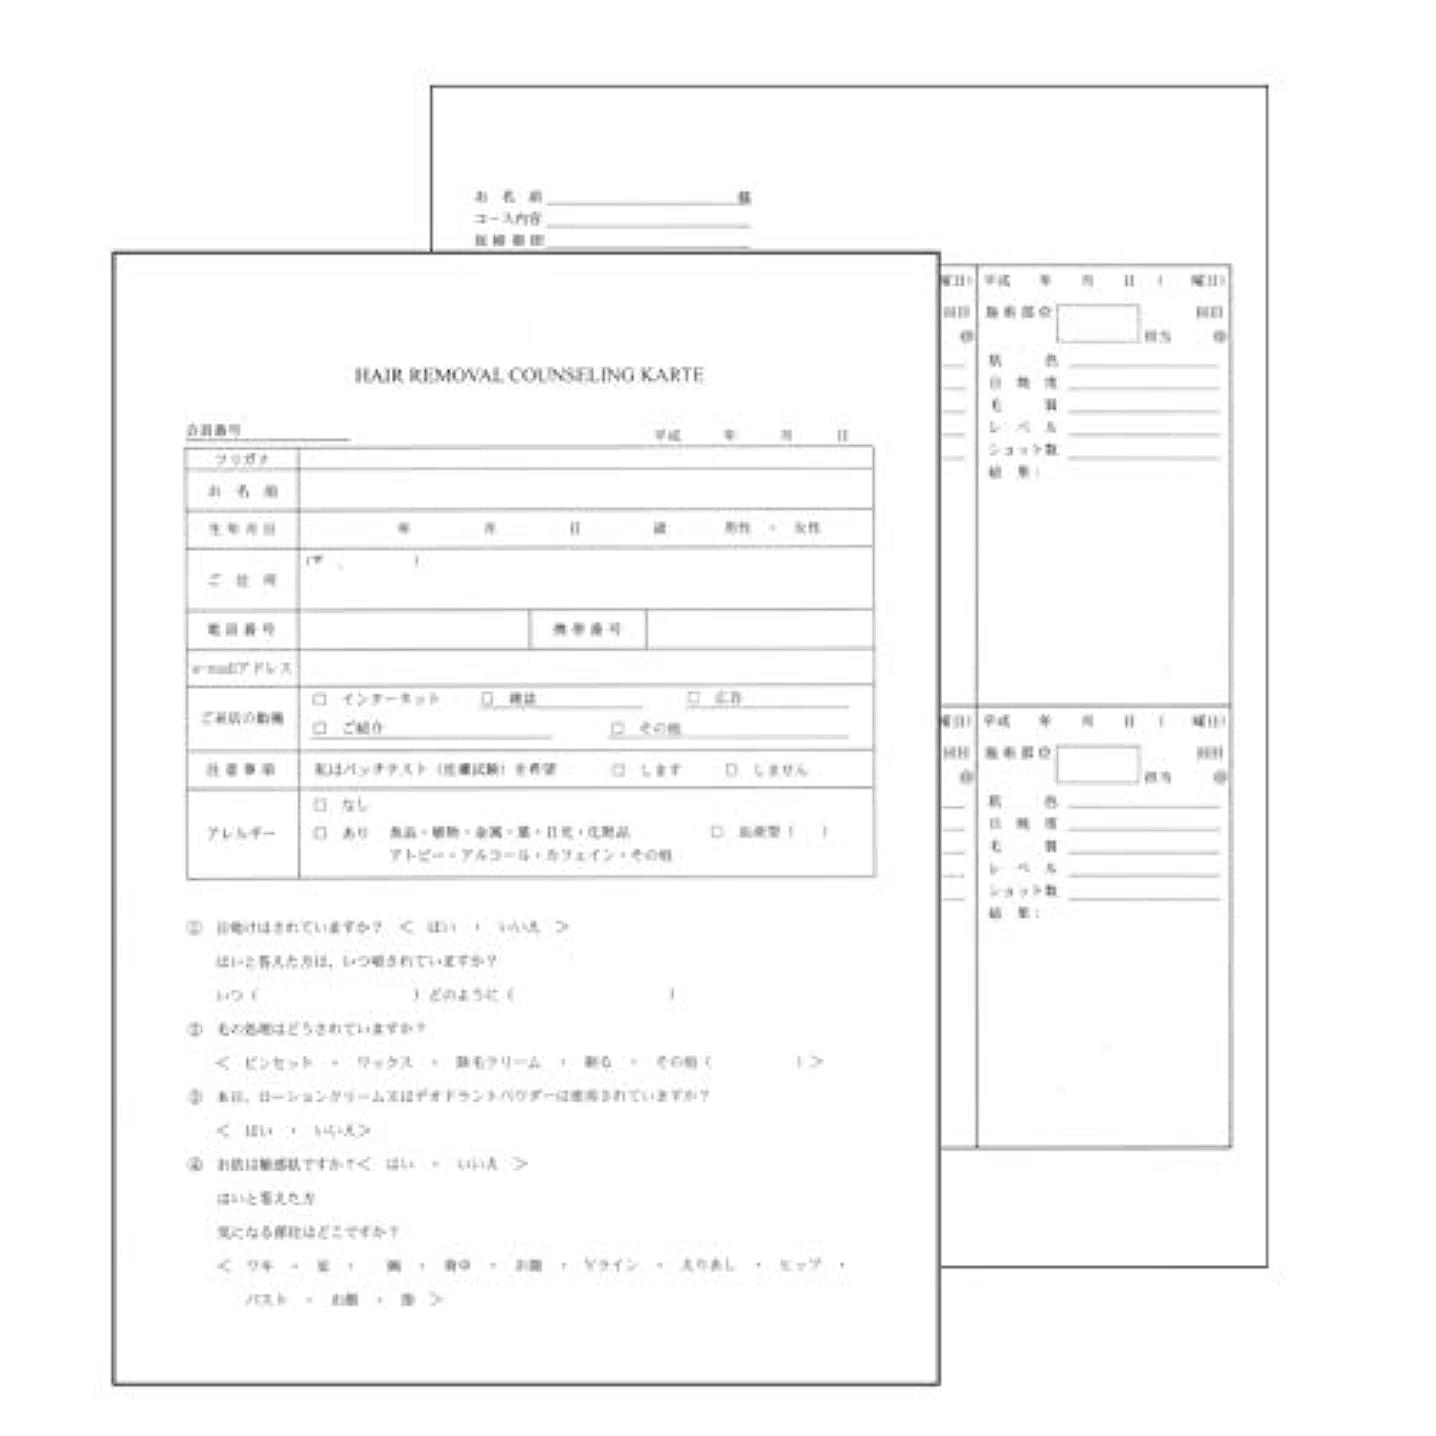 出血狭い運営ヘアリムーバル カウンセリングカルテ A4判両面/4ページ構成(50枚入)